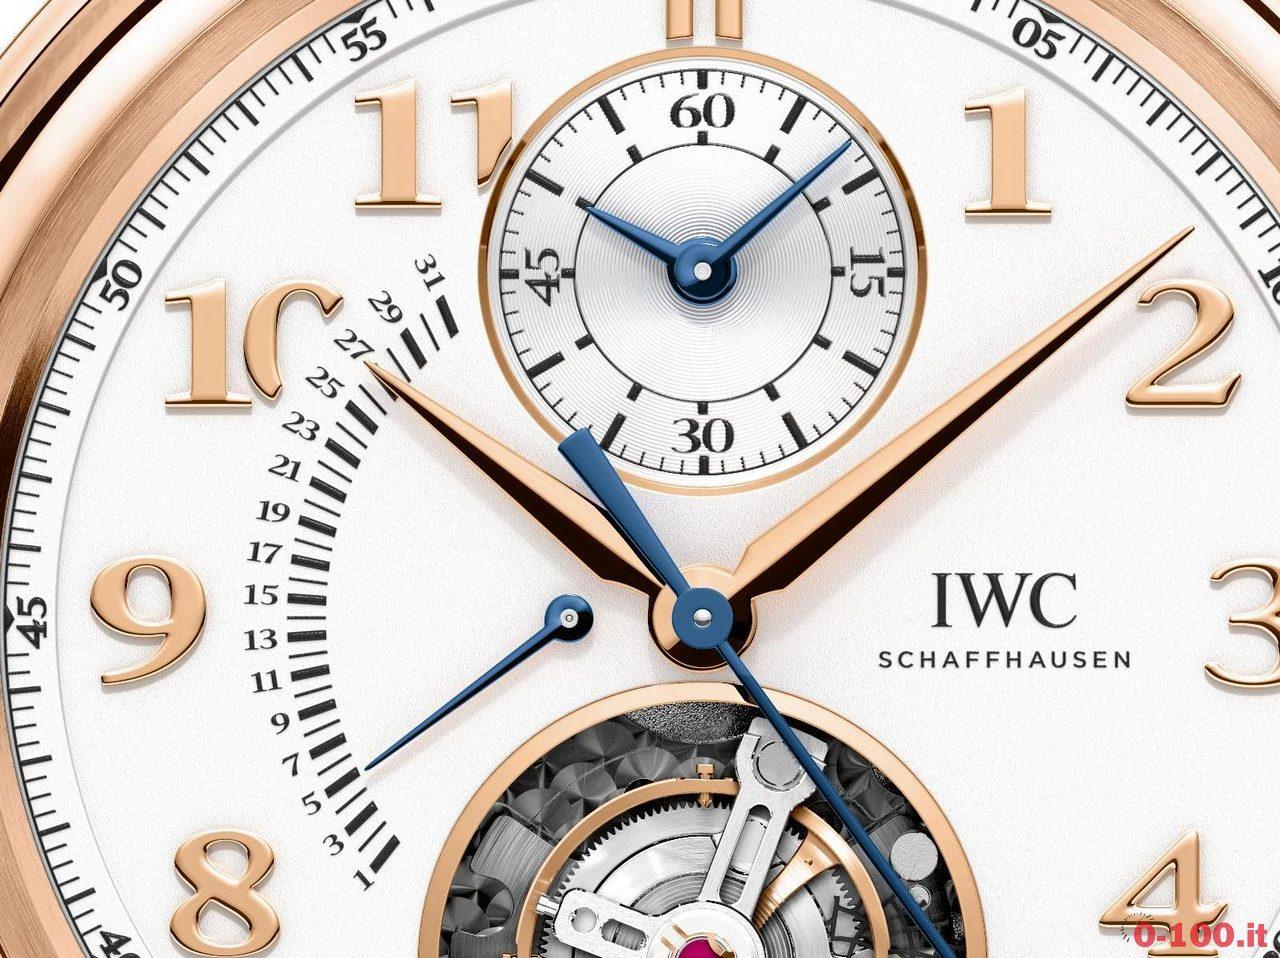 sihh-2017-iwc-da-vinci-tourbillon-retrograde-chronograph-in-oro-rosso-18kt-ref-iw393101_0-1005